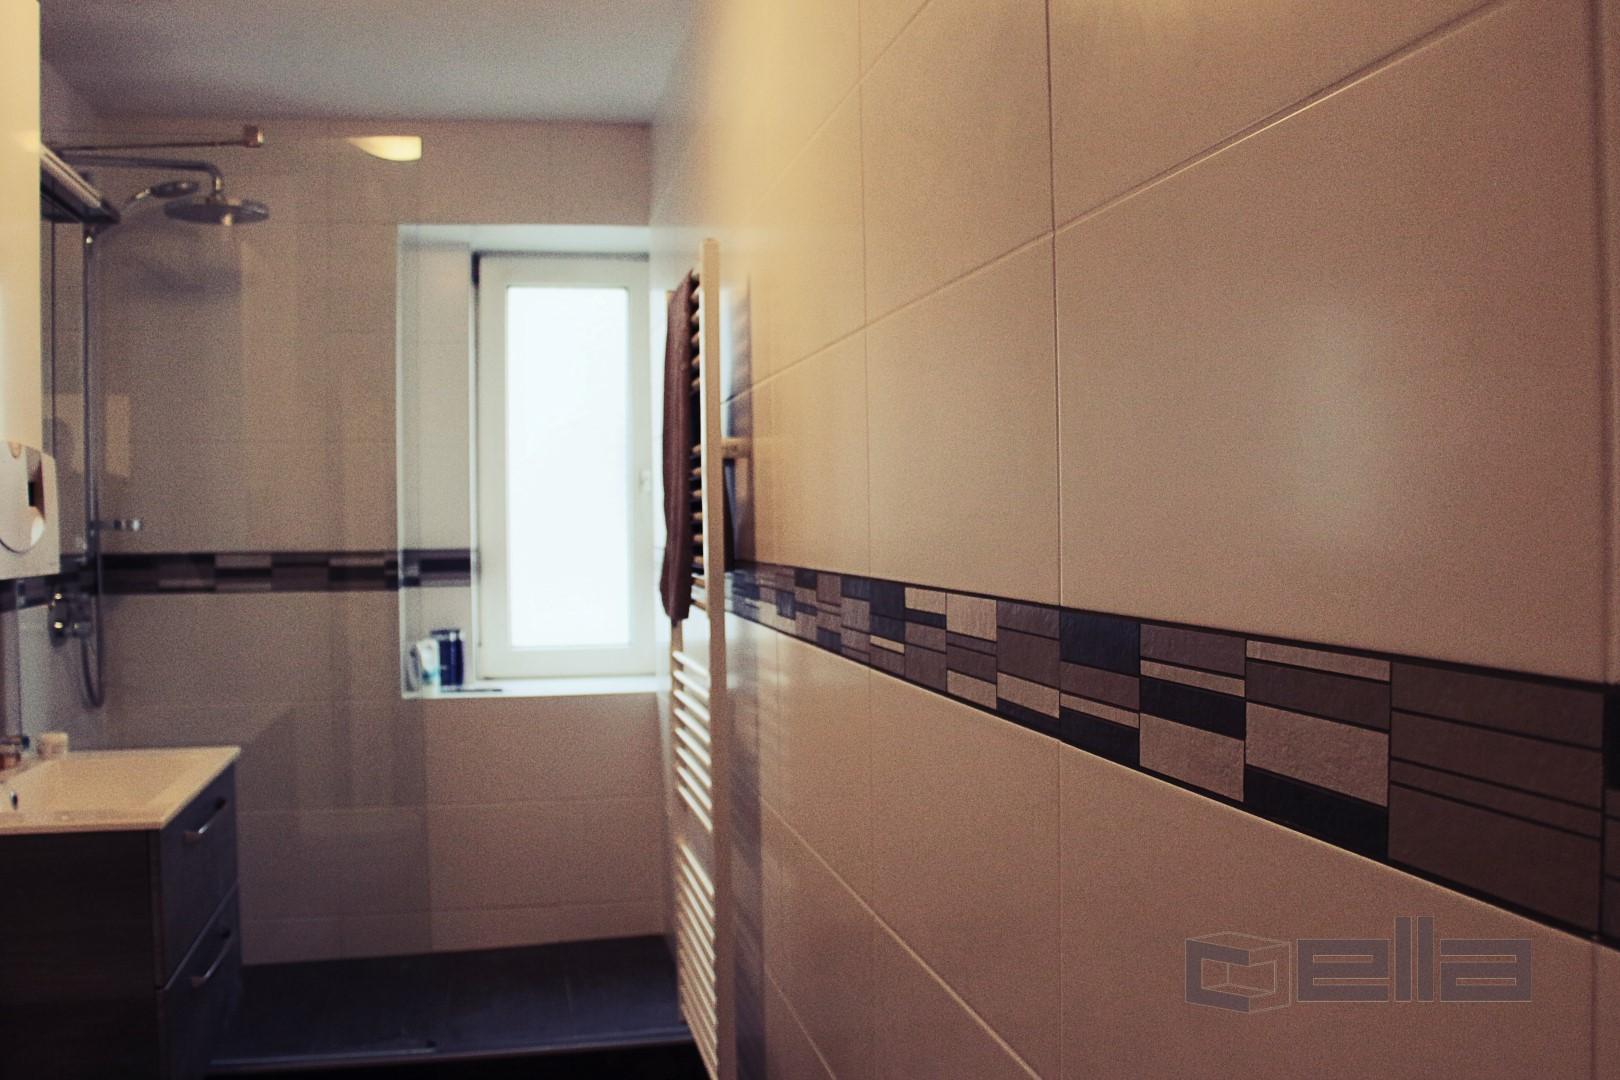 Badsanierung München badsanierung münchen badsanierung cella gmbh cou